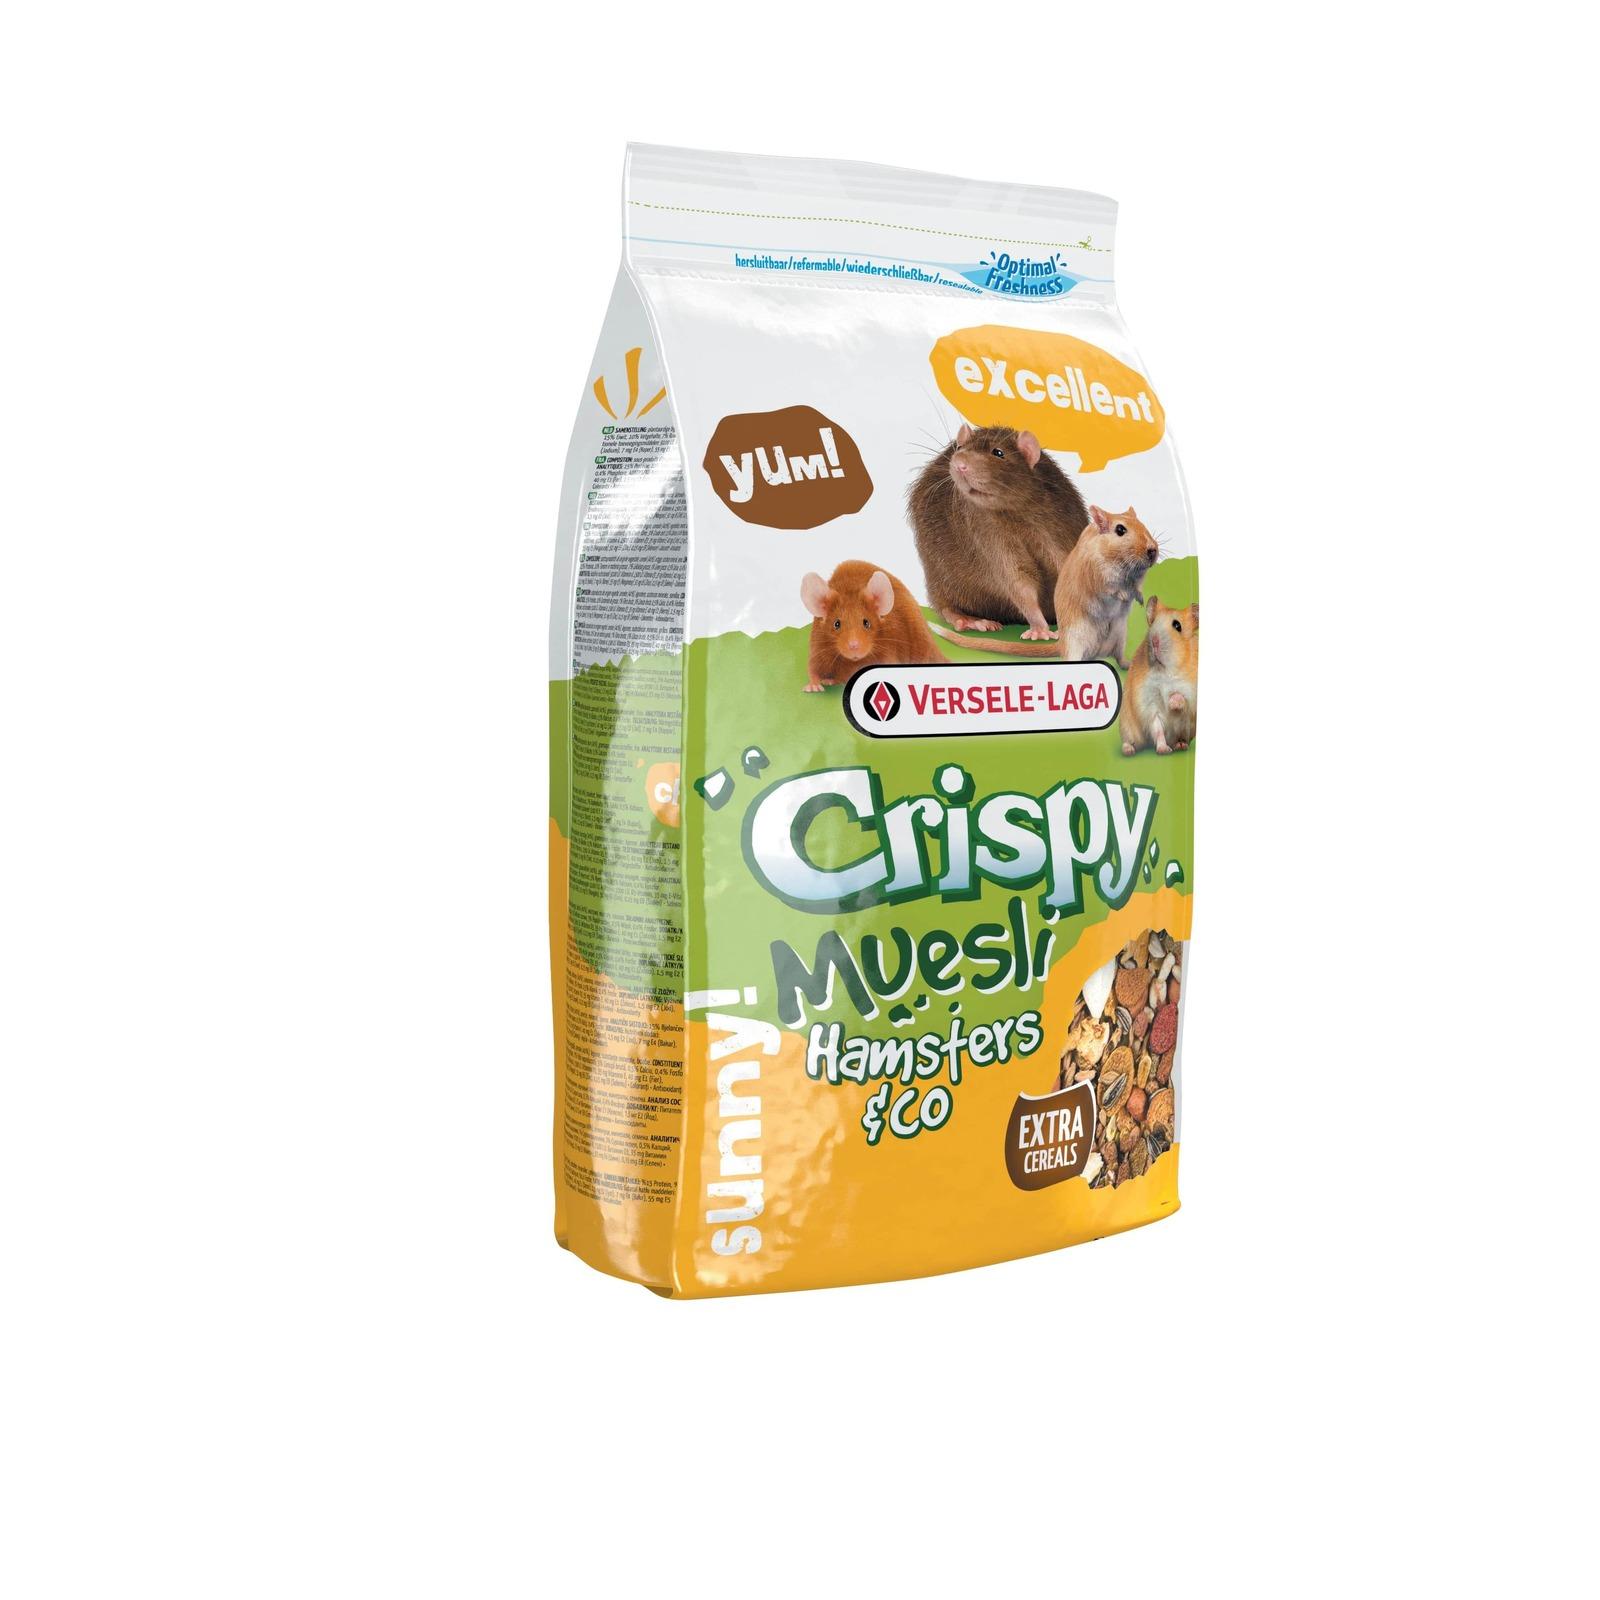 Versele Laga Crispy Muesli Hamsters